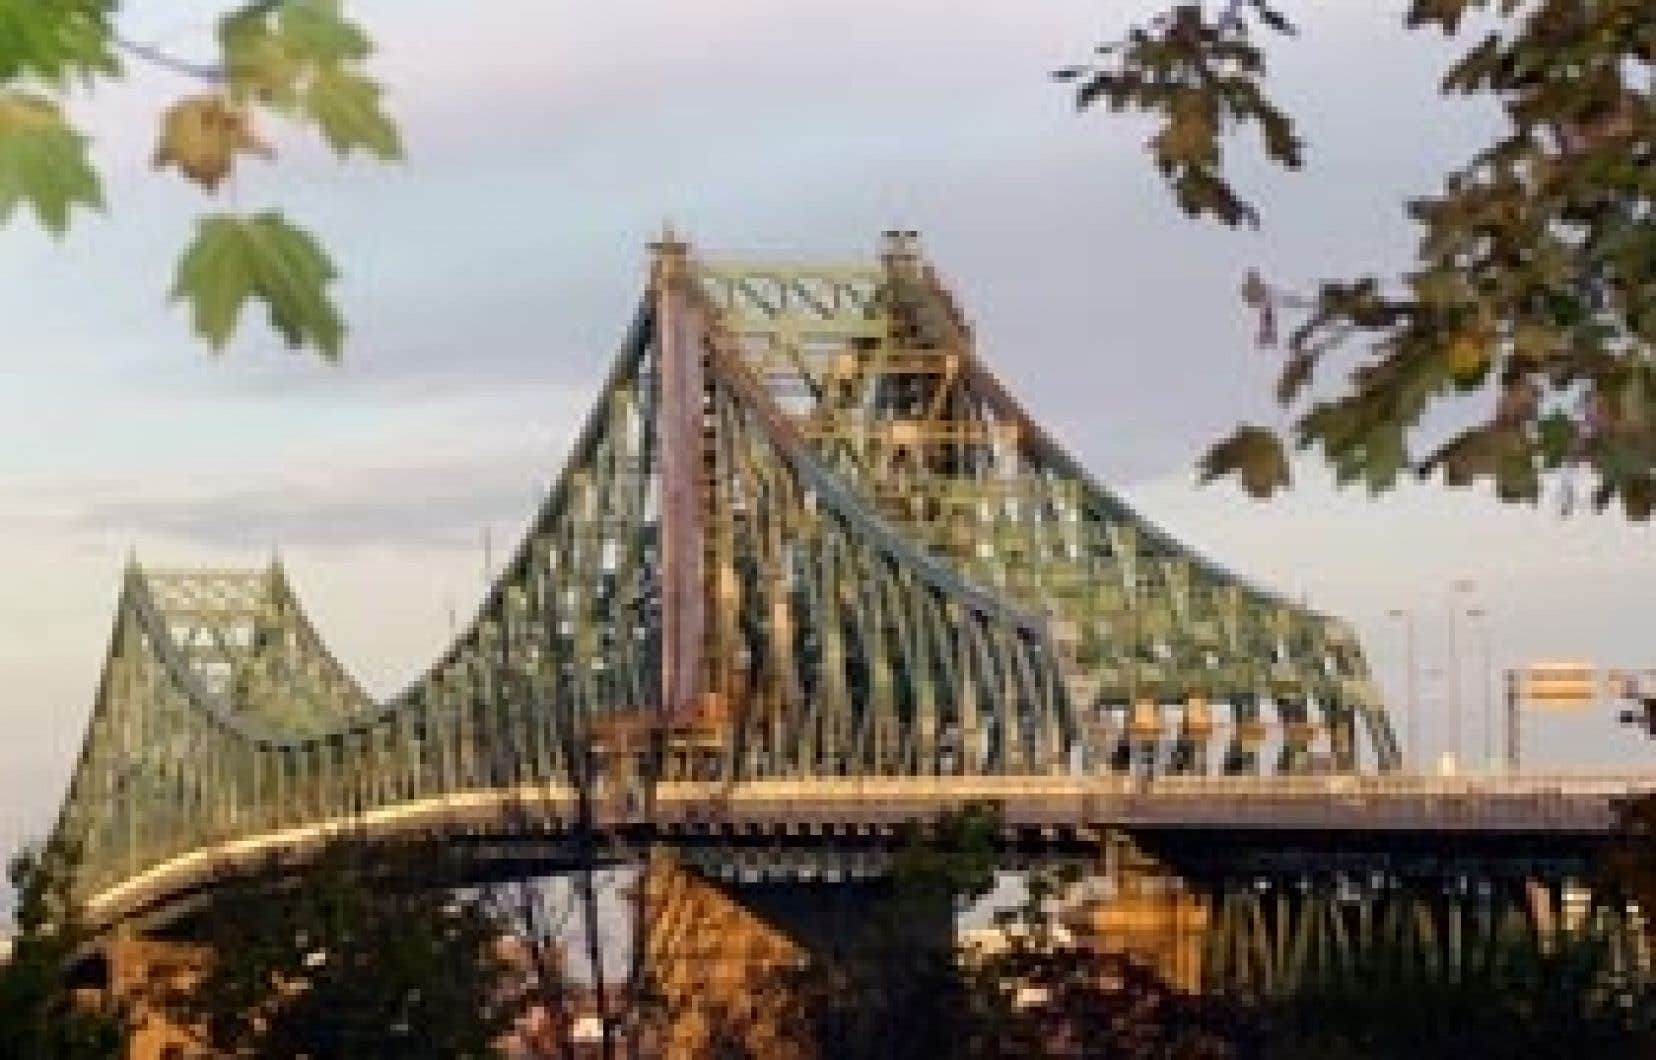 Le pont Jacques-Cartier a été construit en 1930, et ceux de ses piliers qui ont été construits avec des blocs de pierre résistent visiblement mieux que ceux construits en béton.